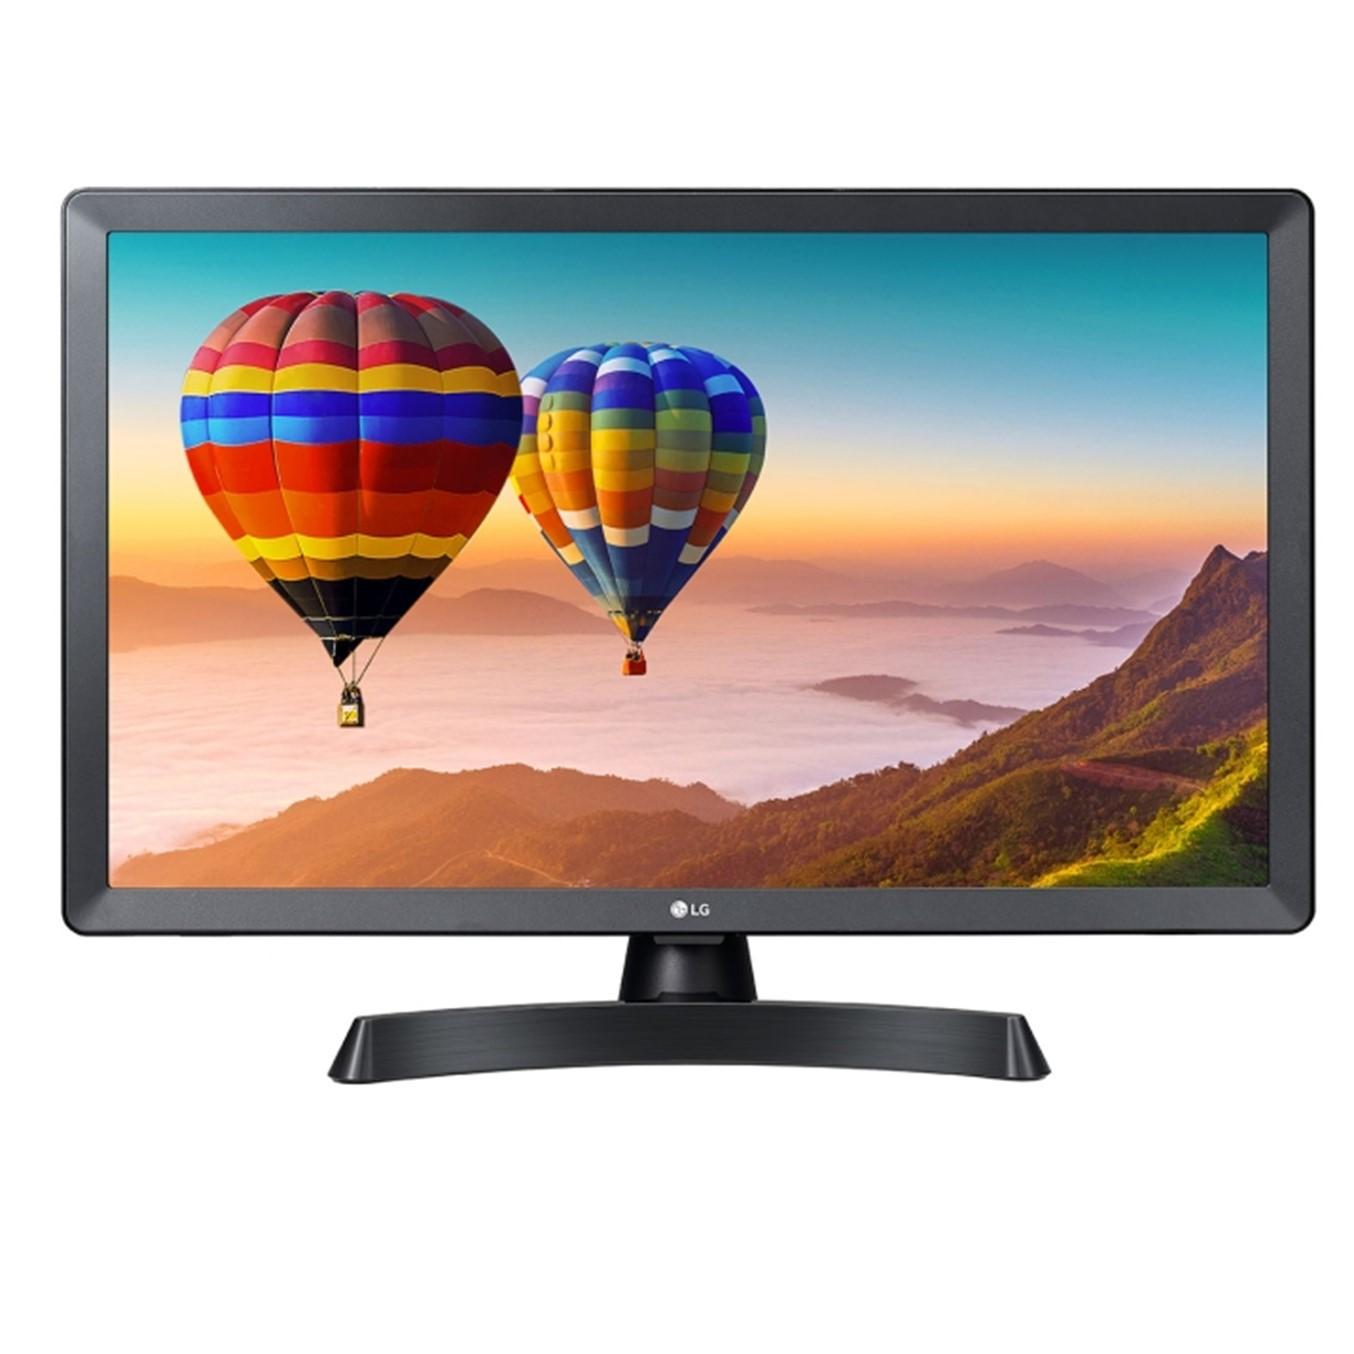 """MONITOR TV LED LG 28"""" 28TN515S-PZ 1366X768 HDMI USB DVB-T2 SMART WIFI NEGRO"""